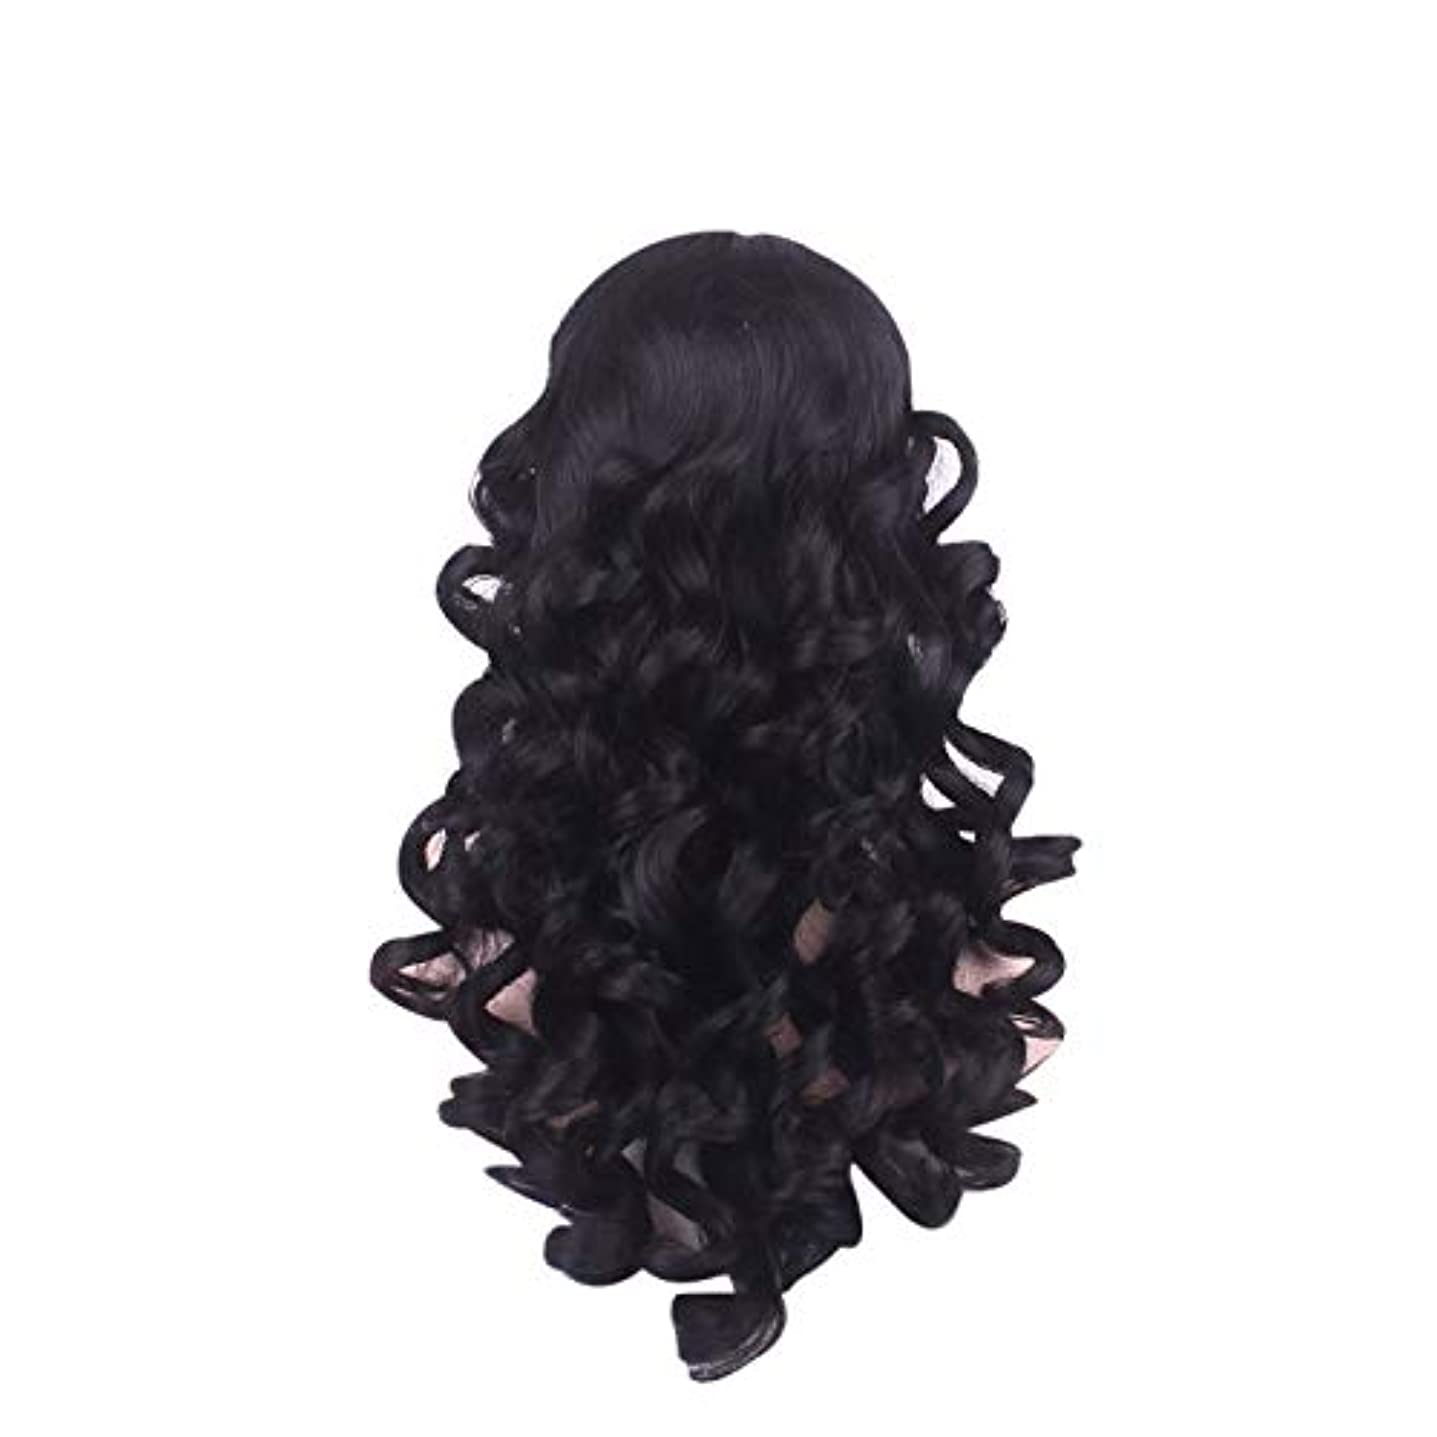 論理的資本野な女性の長い巻き毛のファッションかつらローズネット65 cm